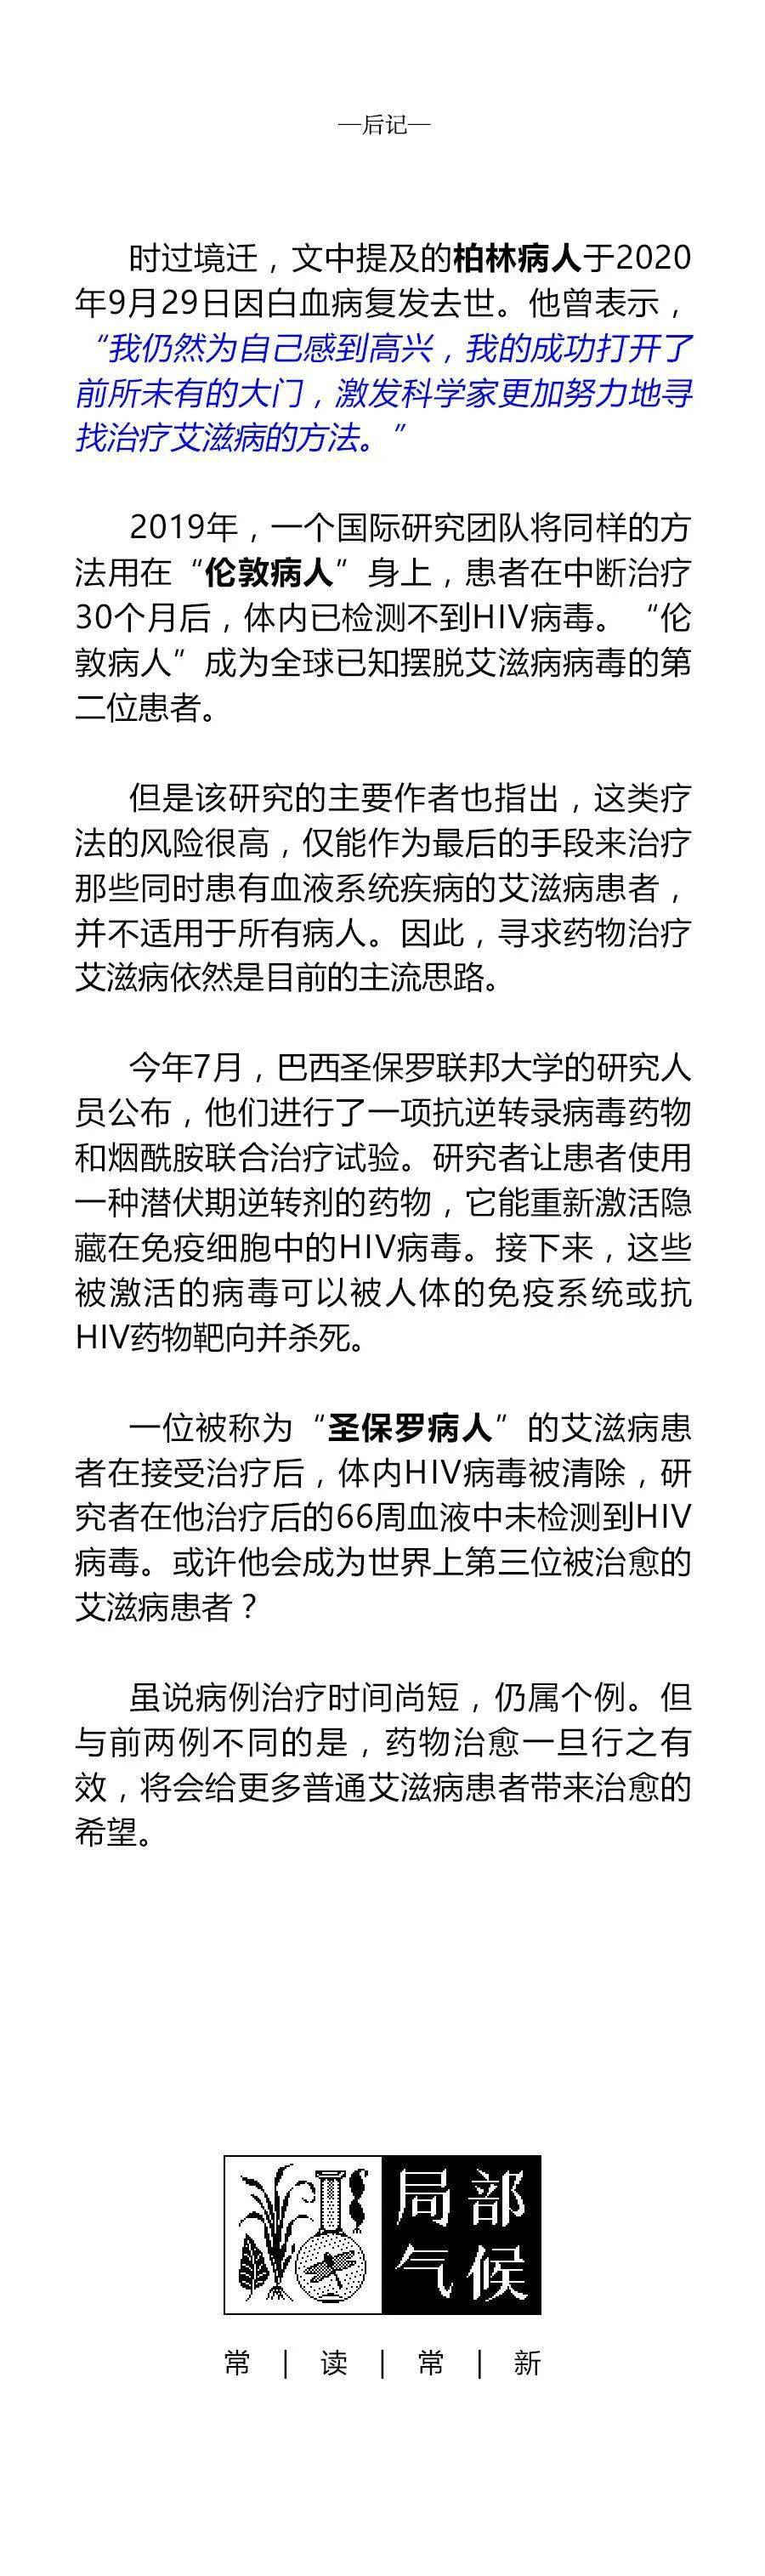 """""""局部气候调查组""""科普文:艾滋病交响诗 涨姿势 第29张"""